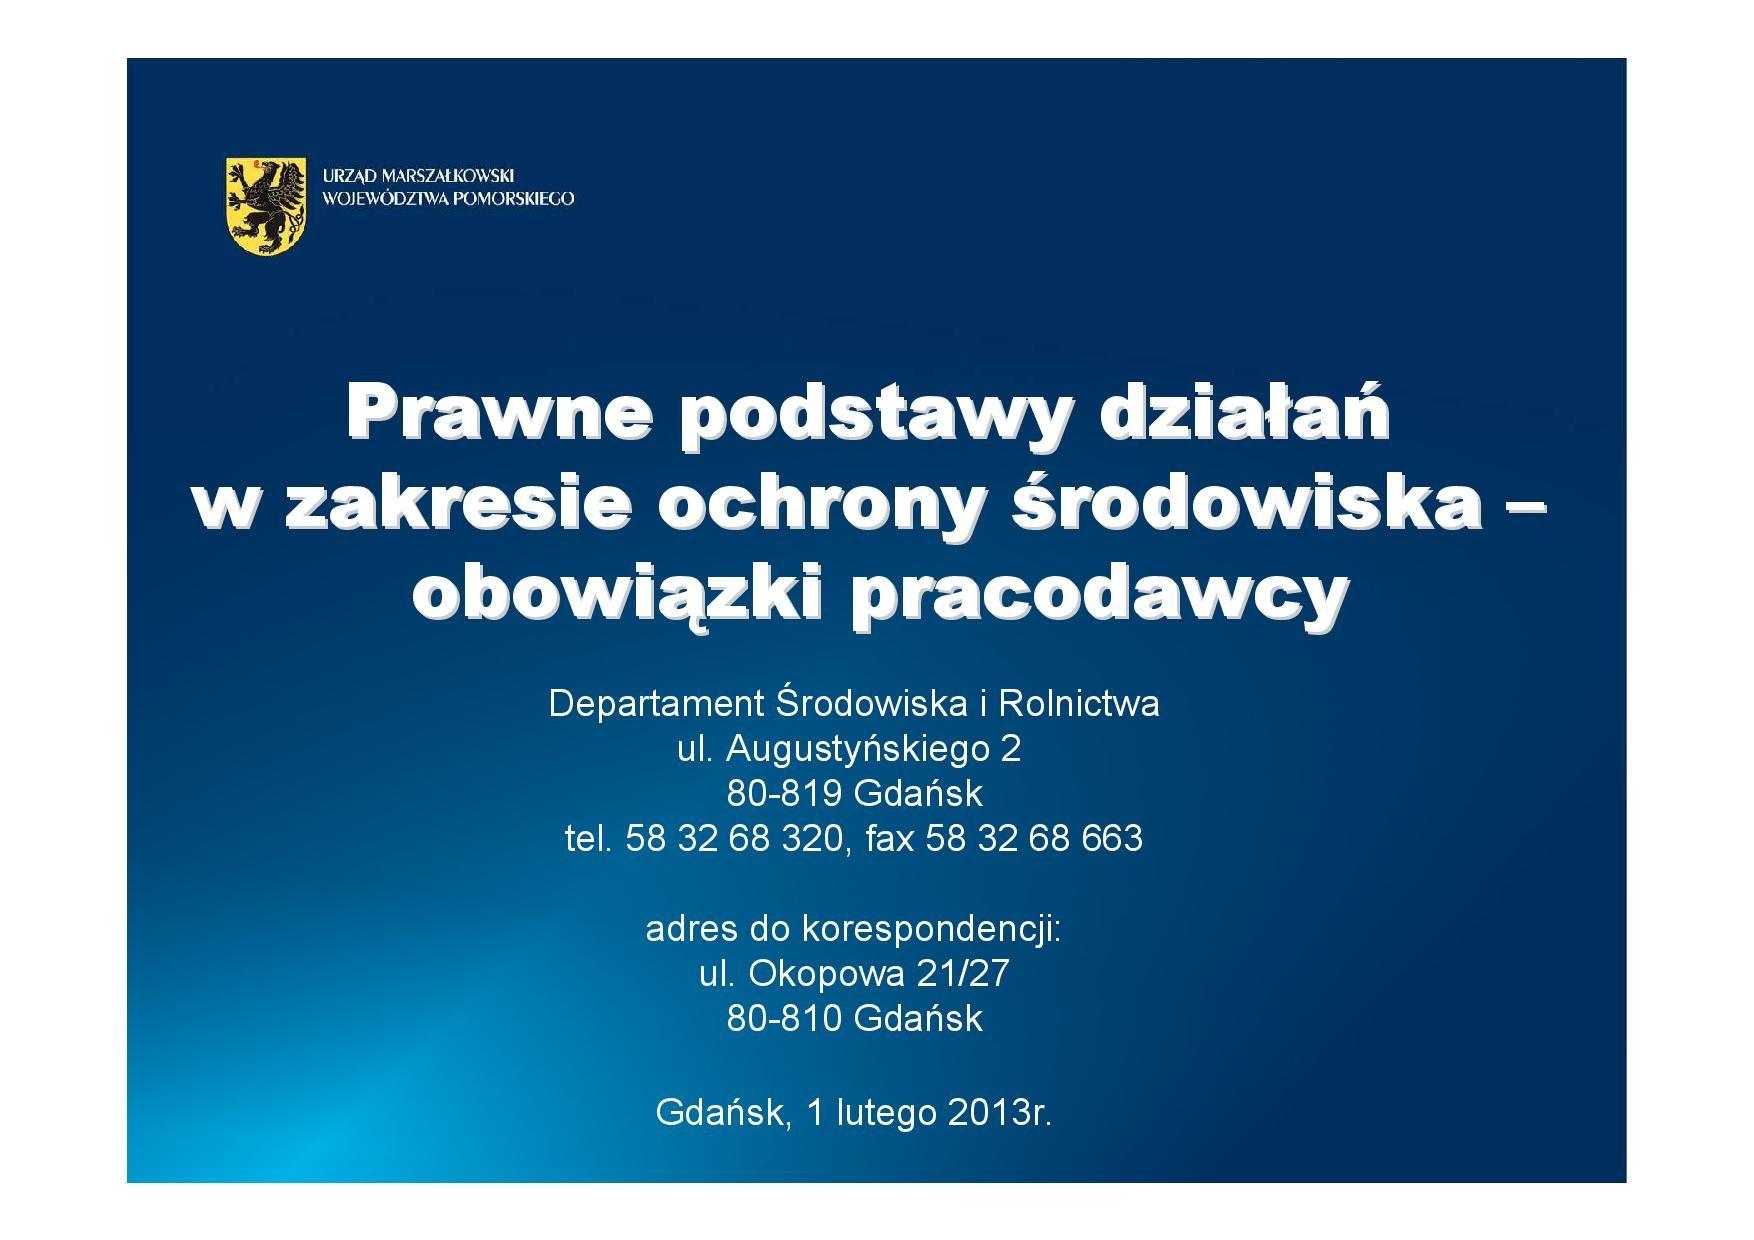 Ob. pracod. pozwolenia-page-001